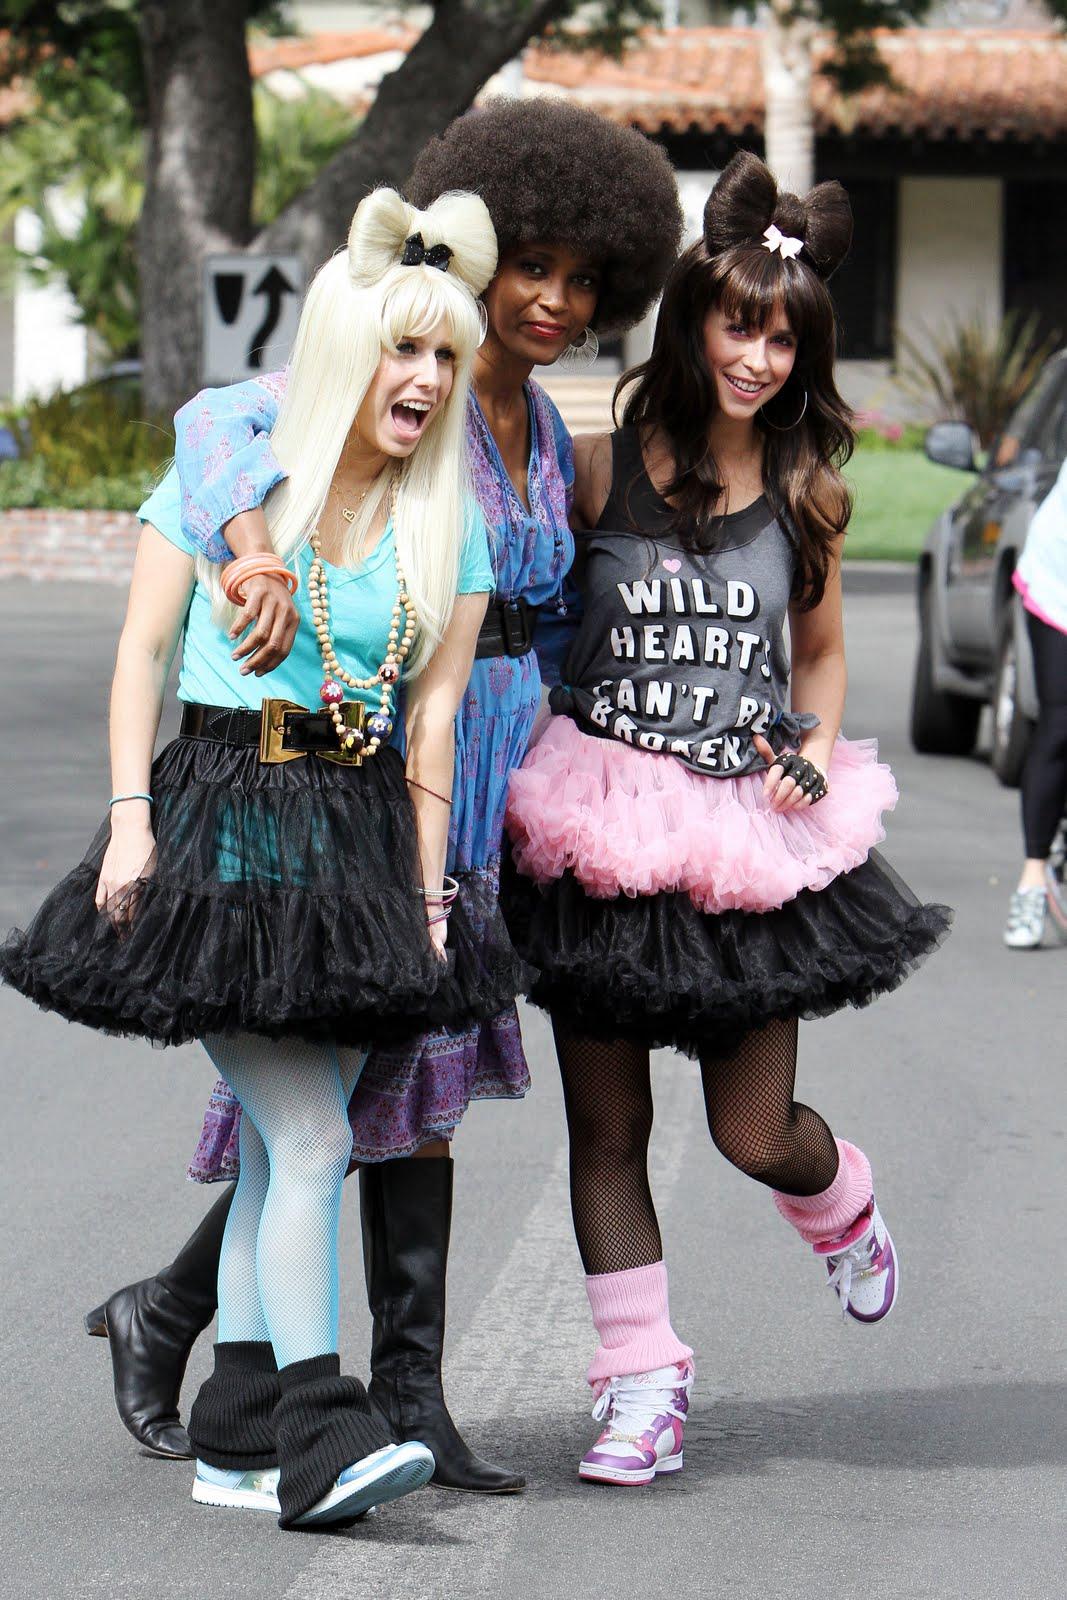 http://4.bp.blogspot.com/_Qw2CqRuylQw/TBpU-ZBm1bI/AAAAAAAAB_c/5SU0VA3L6n8/s1600/24192_celebrity-paradise_com-The_Elder-Jennifer_Love_Hewitt_2010-02-21_-_celebrate_her_31st_birthday_970_122_1160lo.jpg